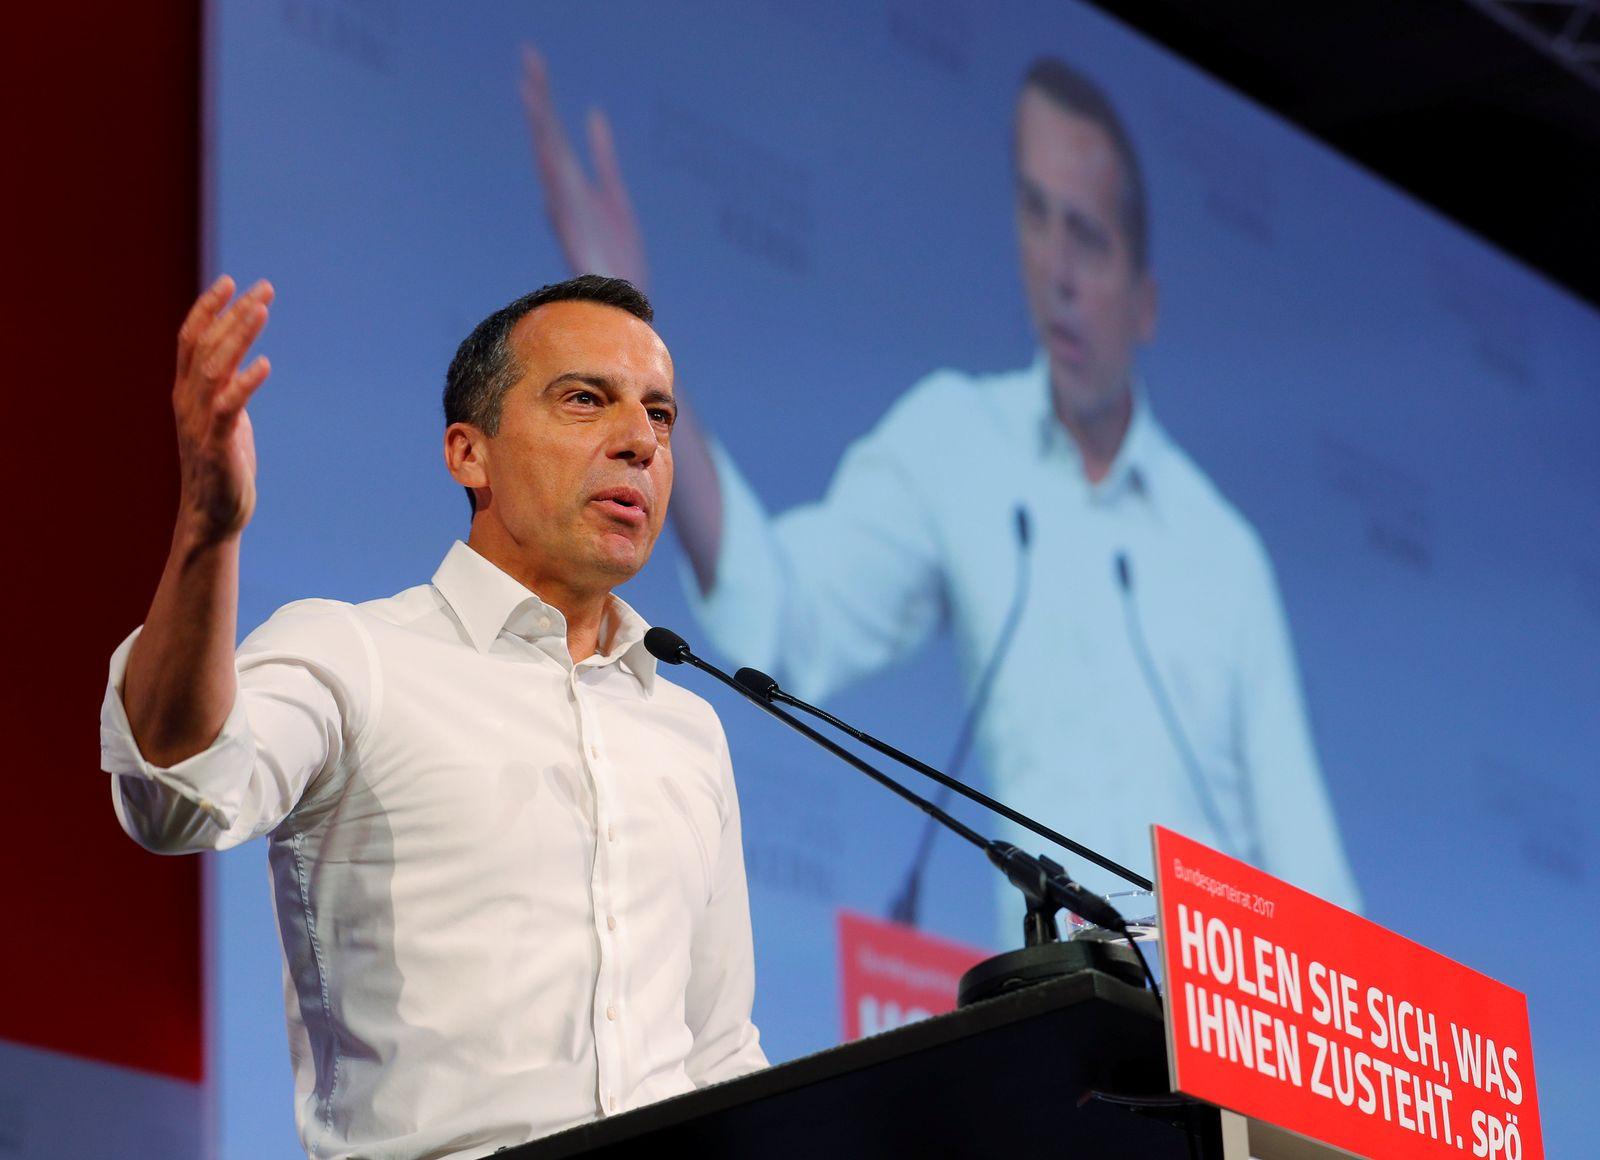 ÖVP/ Christian Kern